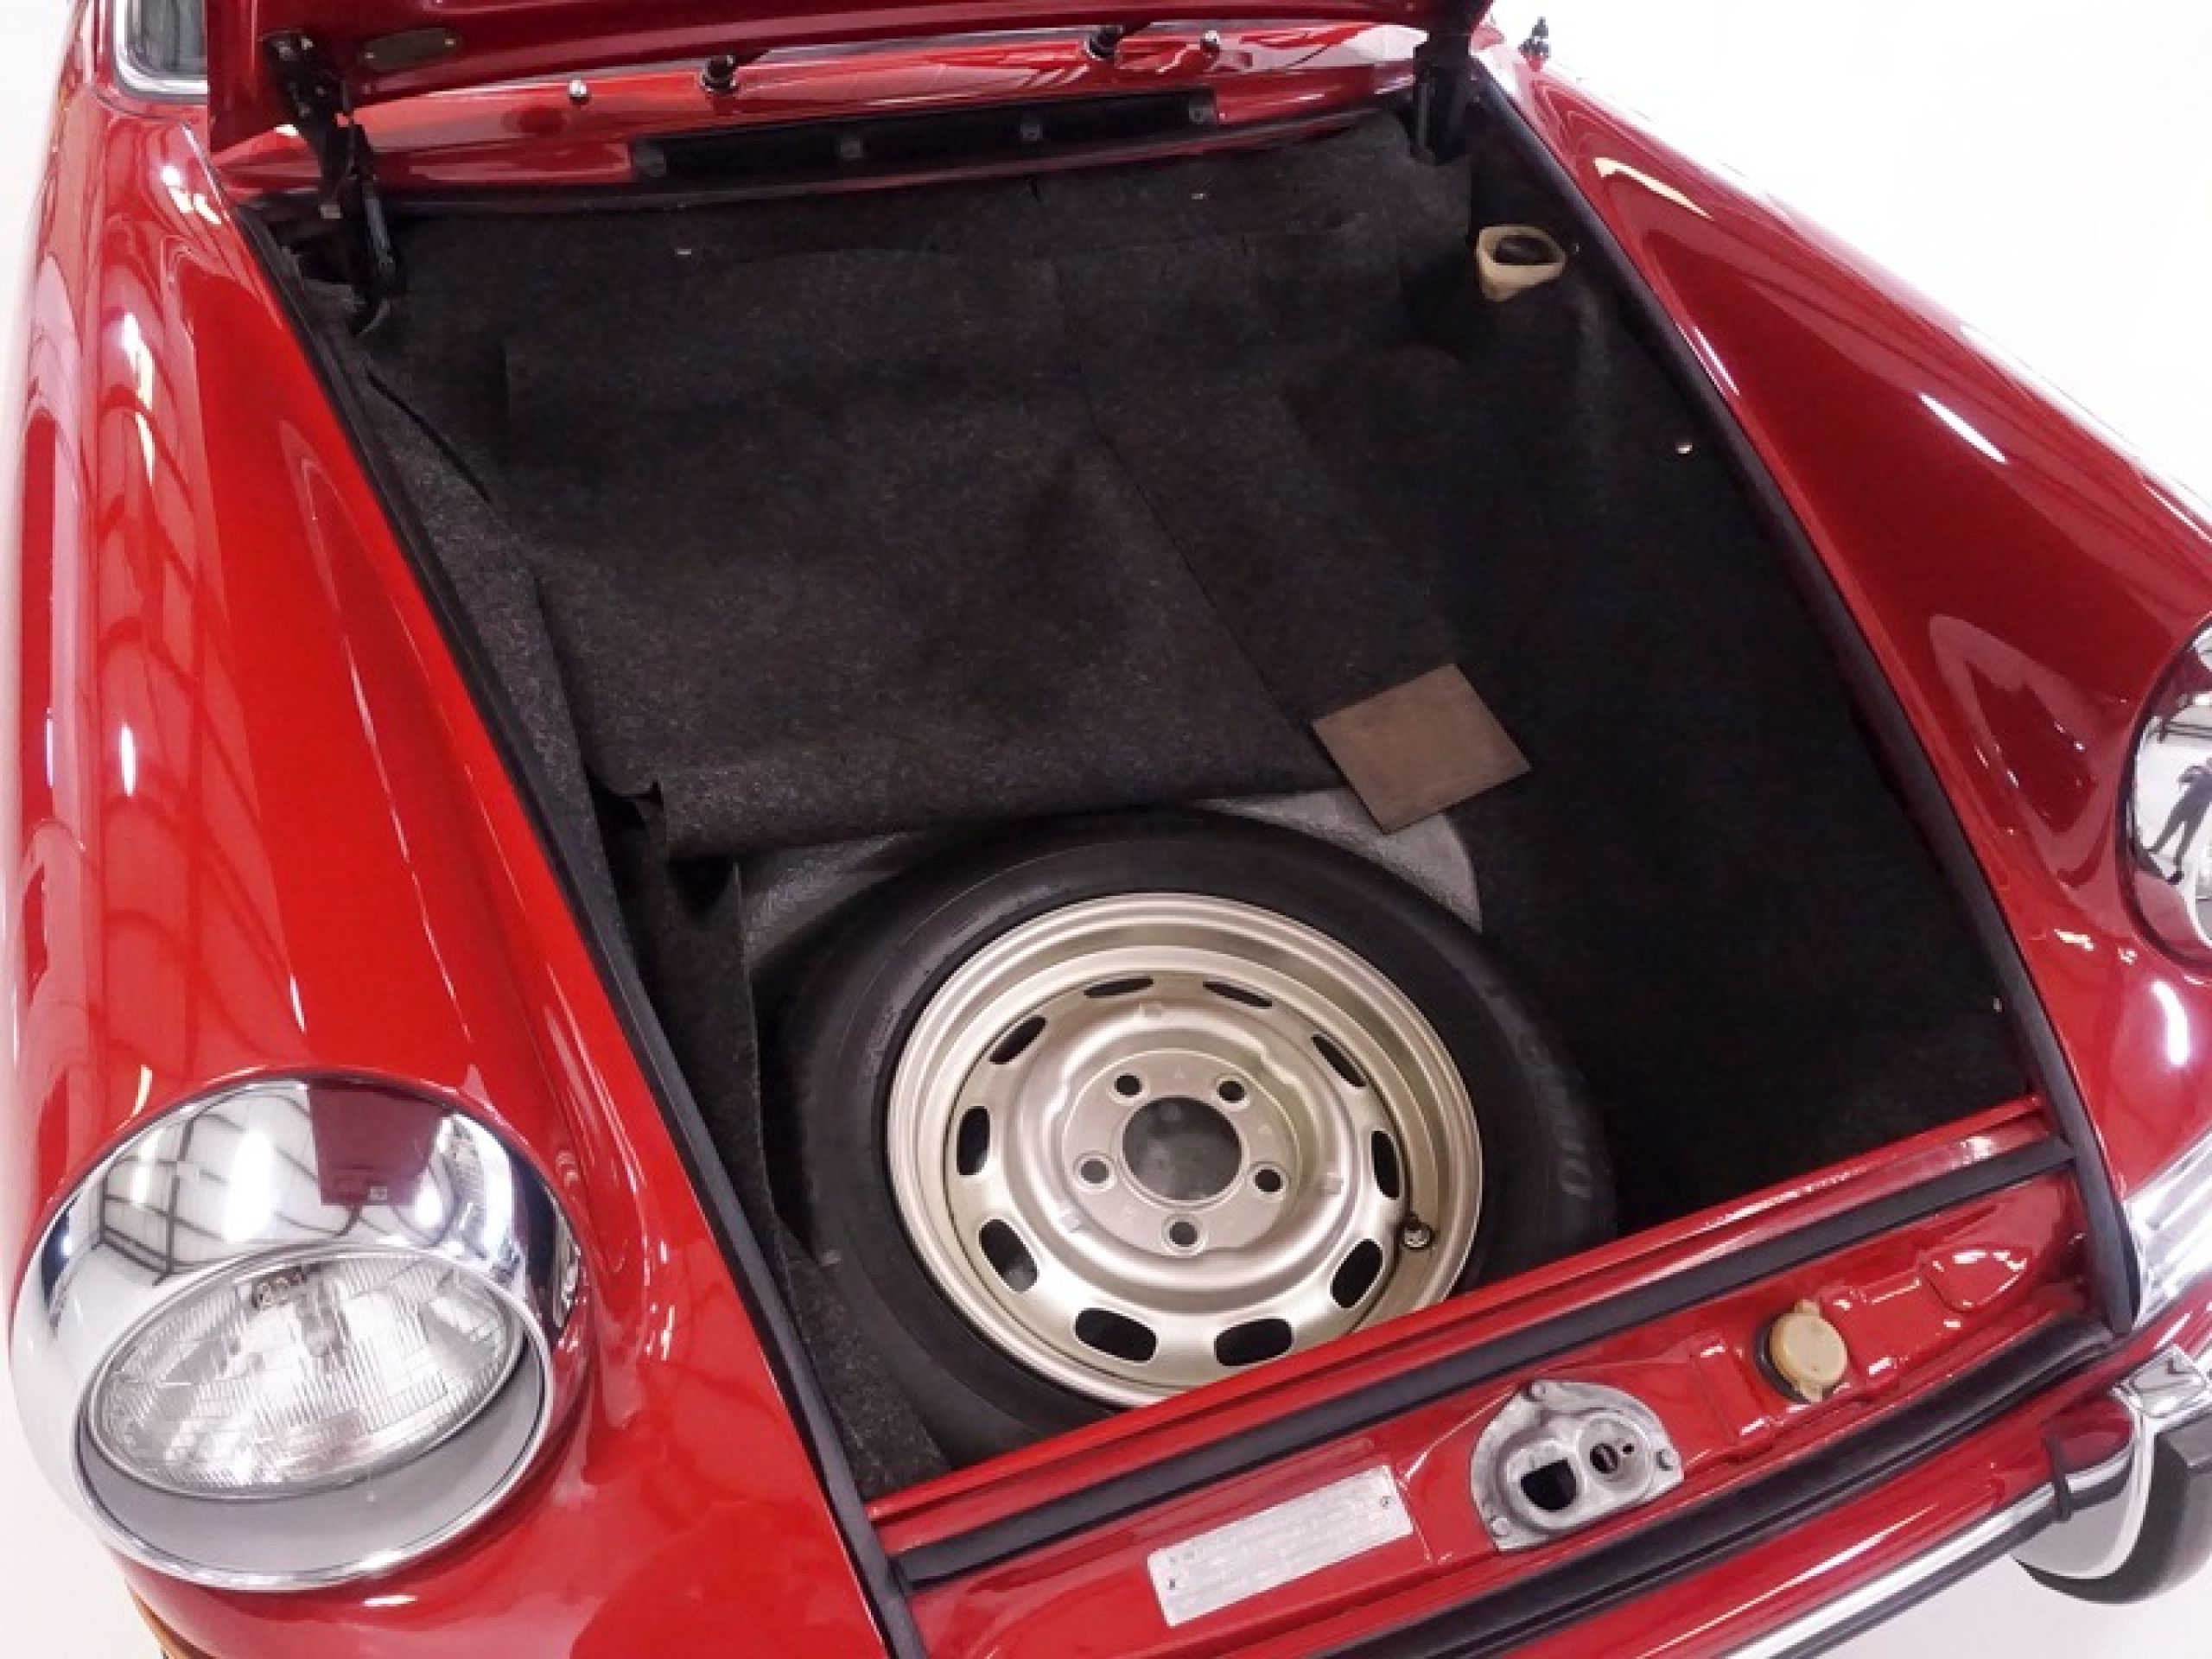 1969 Porsche 911T Coupe by Karmann